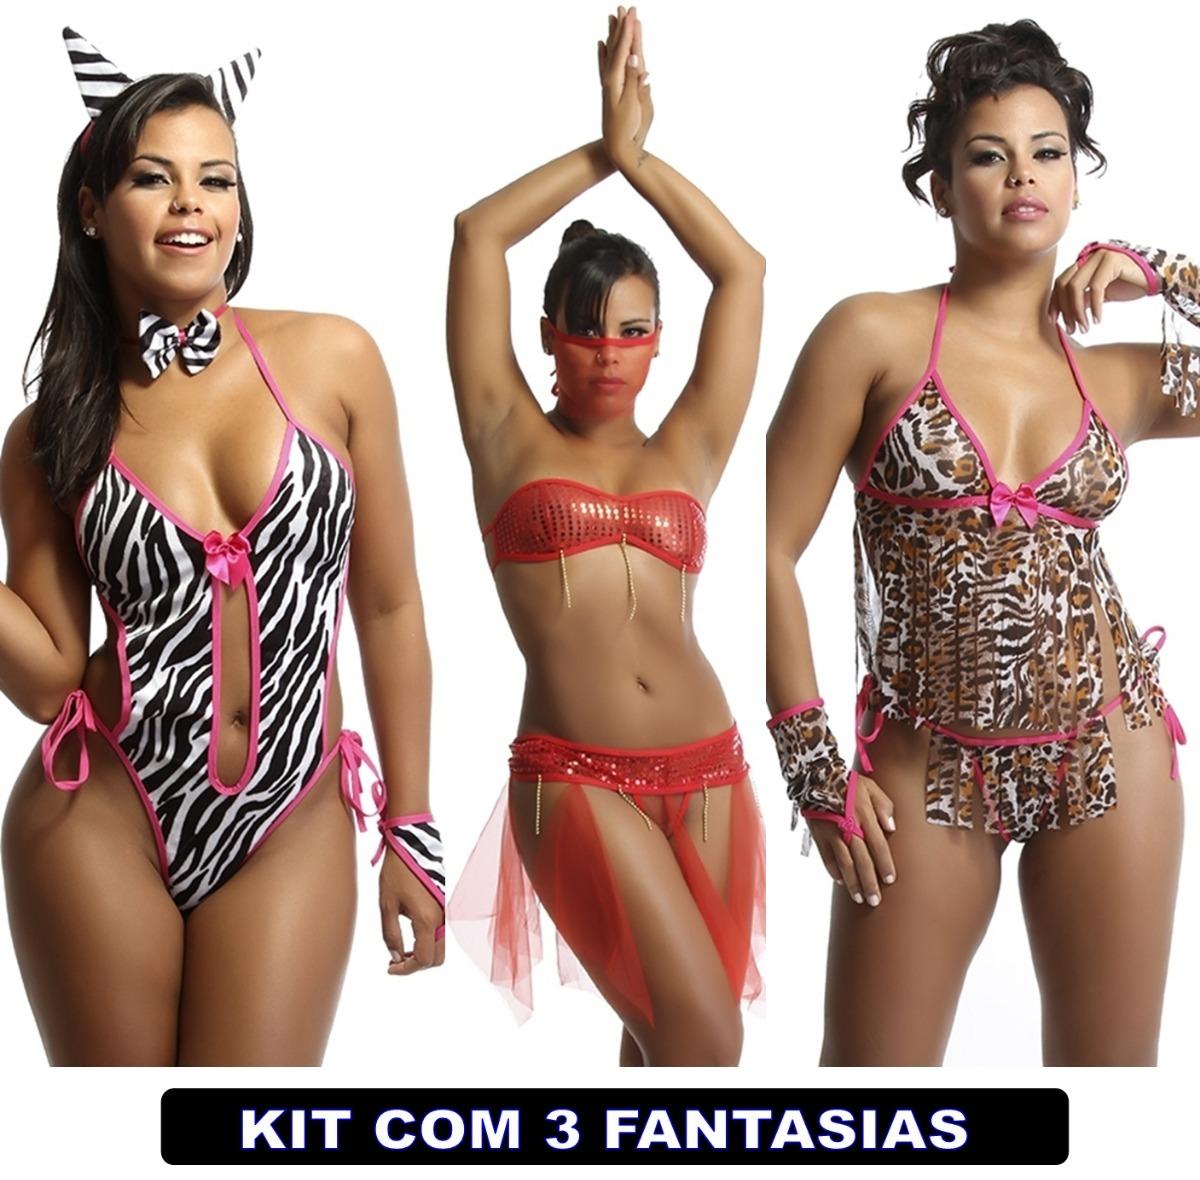 f4a8b97bd kit sexy com 3 unid lingerie sex roupas intimas kits sexys. Carregando zoom.